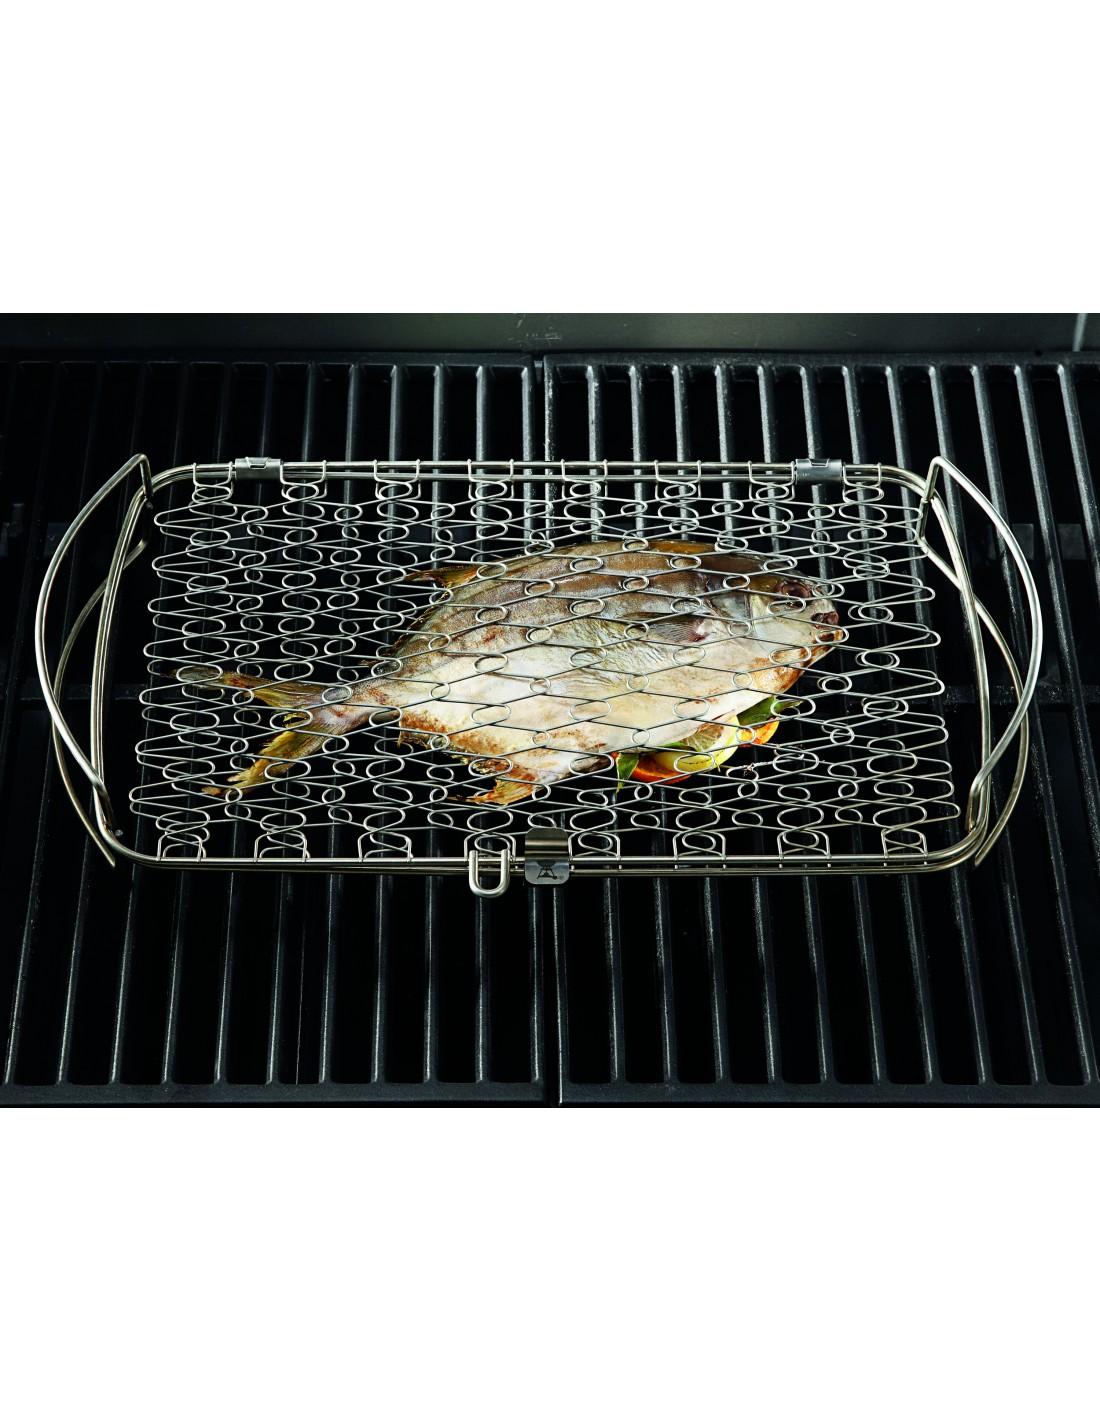 Recette barbecue weber poisson un site culinaire populaire avec des recettes utiles - Poulet barbecue weber ...